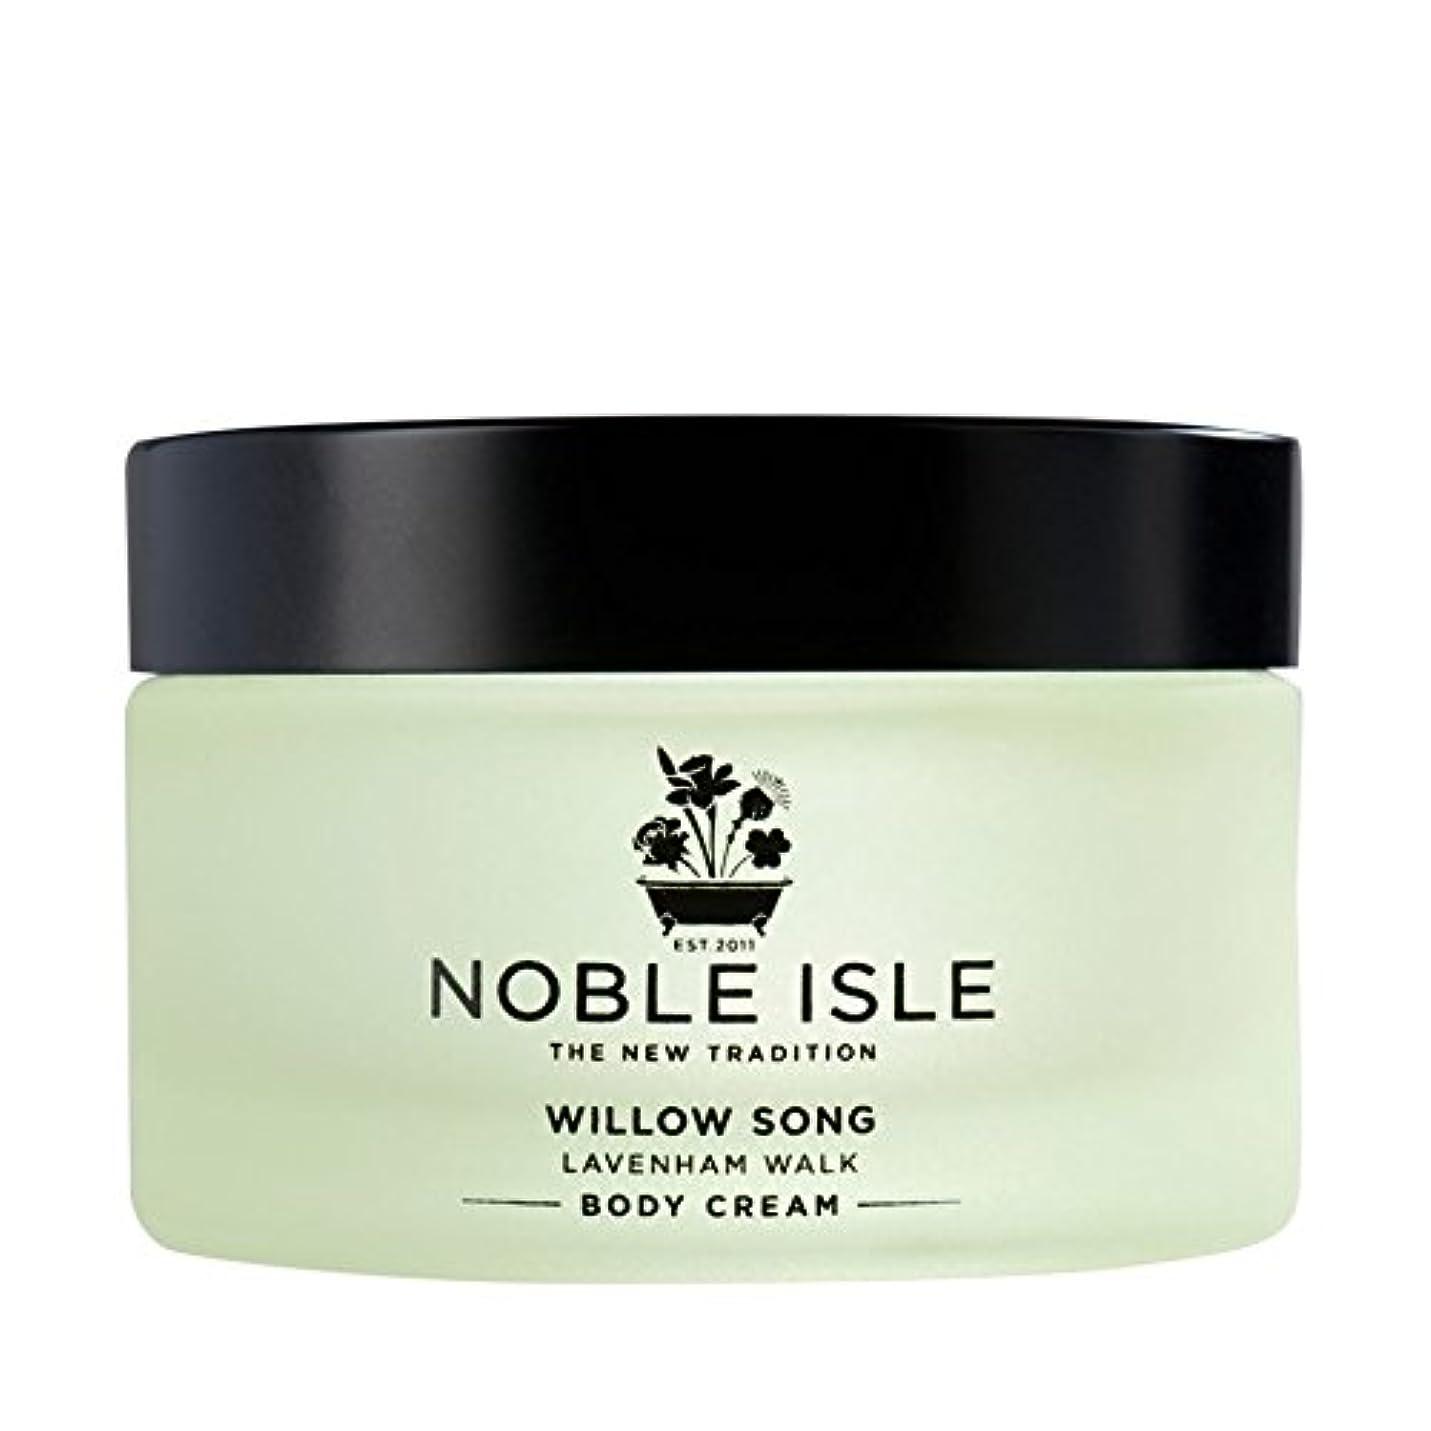 散文それ意義高貴な島柳の歌ラヴァンハム徒歩ボディクリーム170ミリリットル x2 - Noble Isle Willow Song Lavenham Walk Body Cream 170ml (Pack of 2) [並行輸入品]